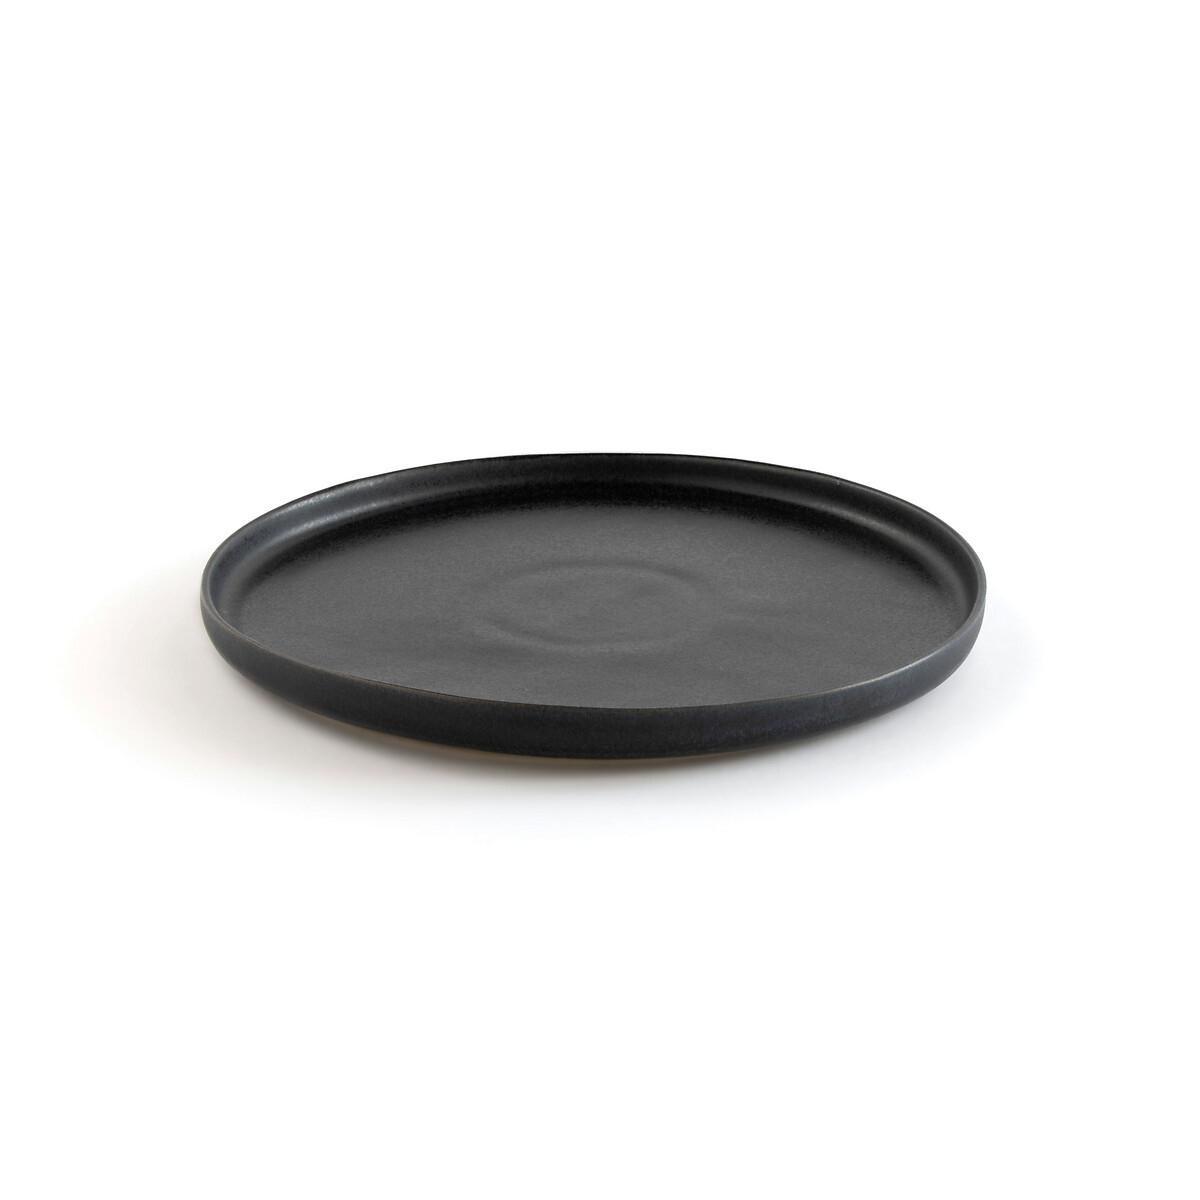 Комплект из 4 тарелок плоских La Redoute Из эмалированной керамики Perrot единый размер черный миски la redoute из эмалированной керамики attale единый размер каштановый